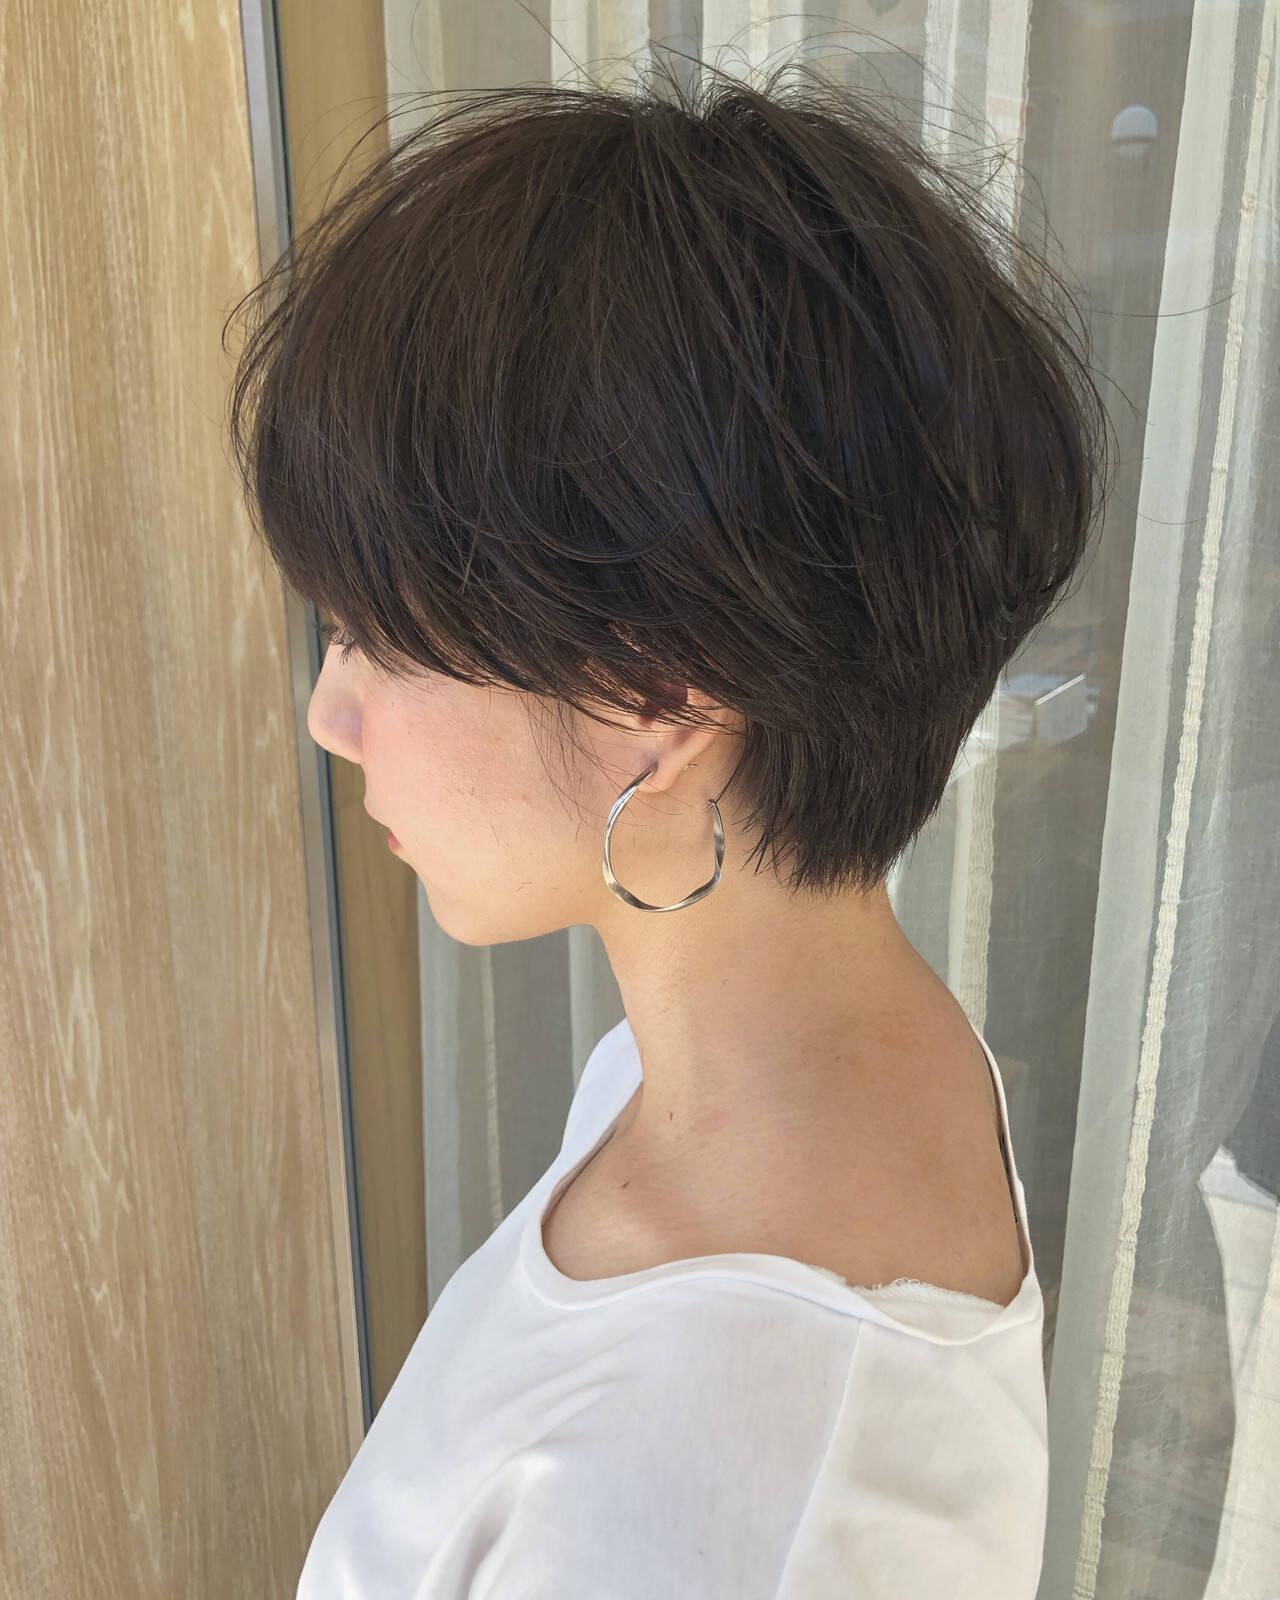 ショートヘア ショートボブ ハンサムショート ナチュラルヘアスタイルや髪型の写真・画像